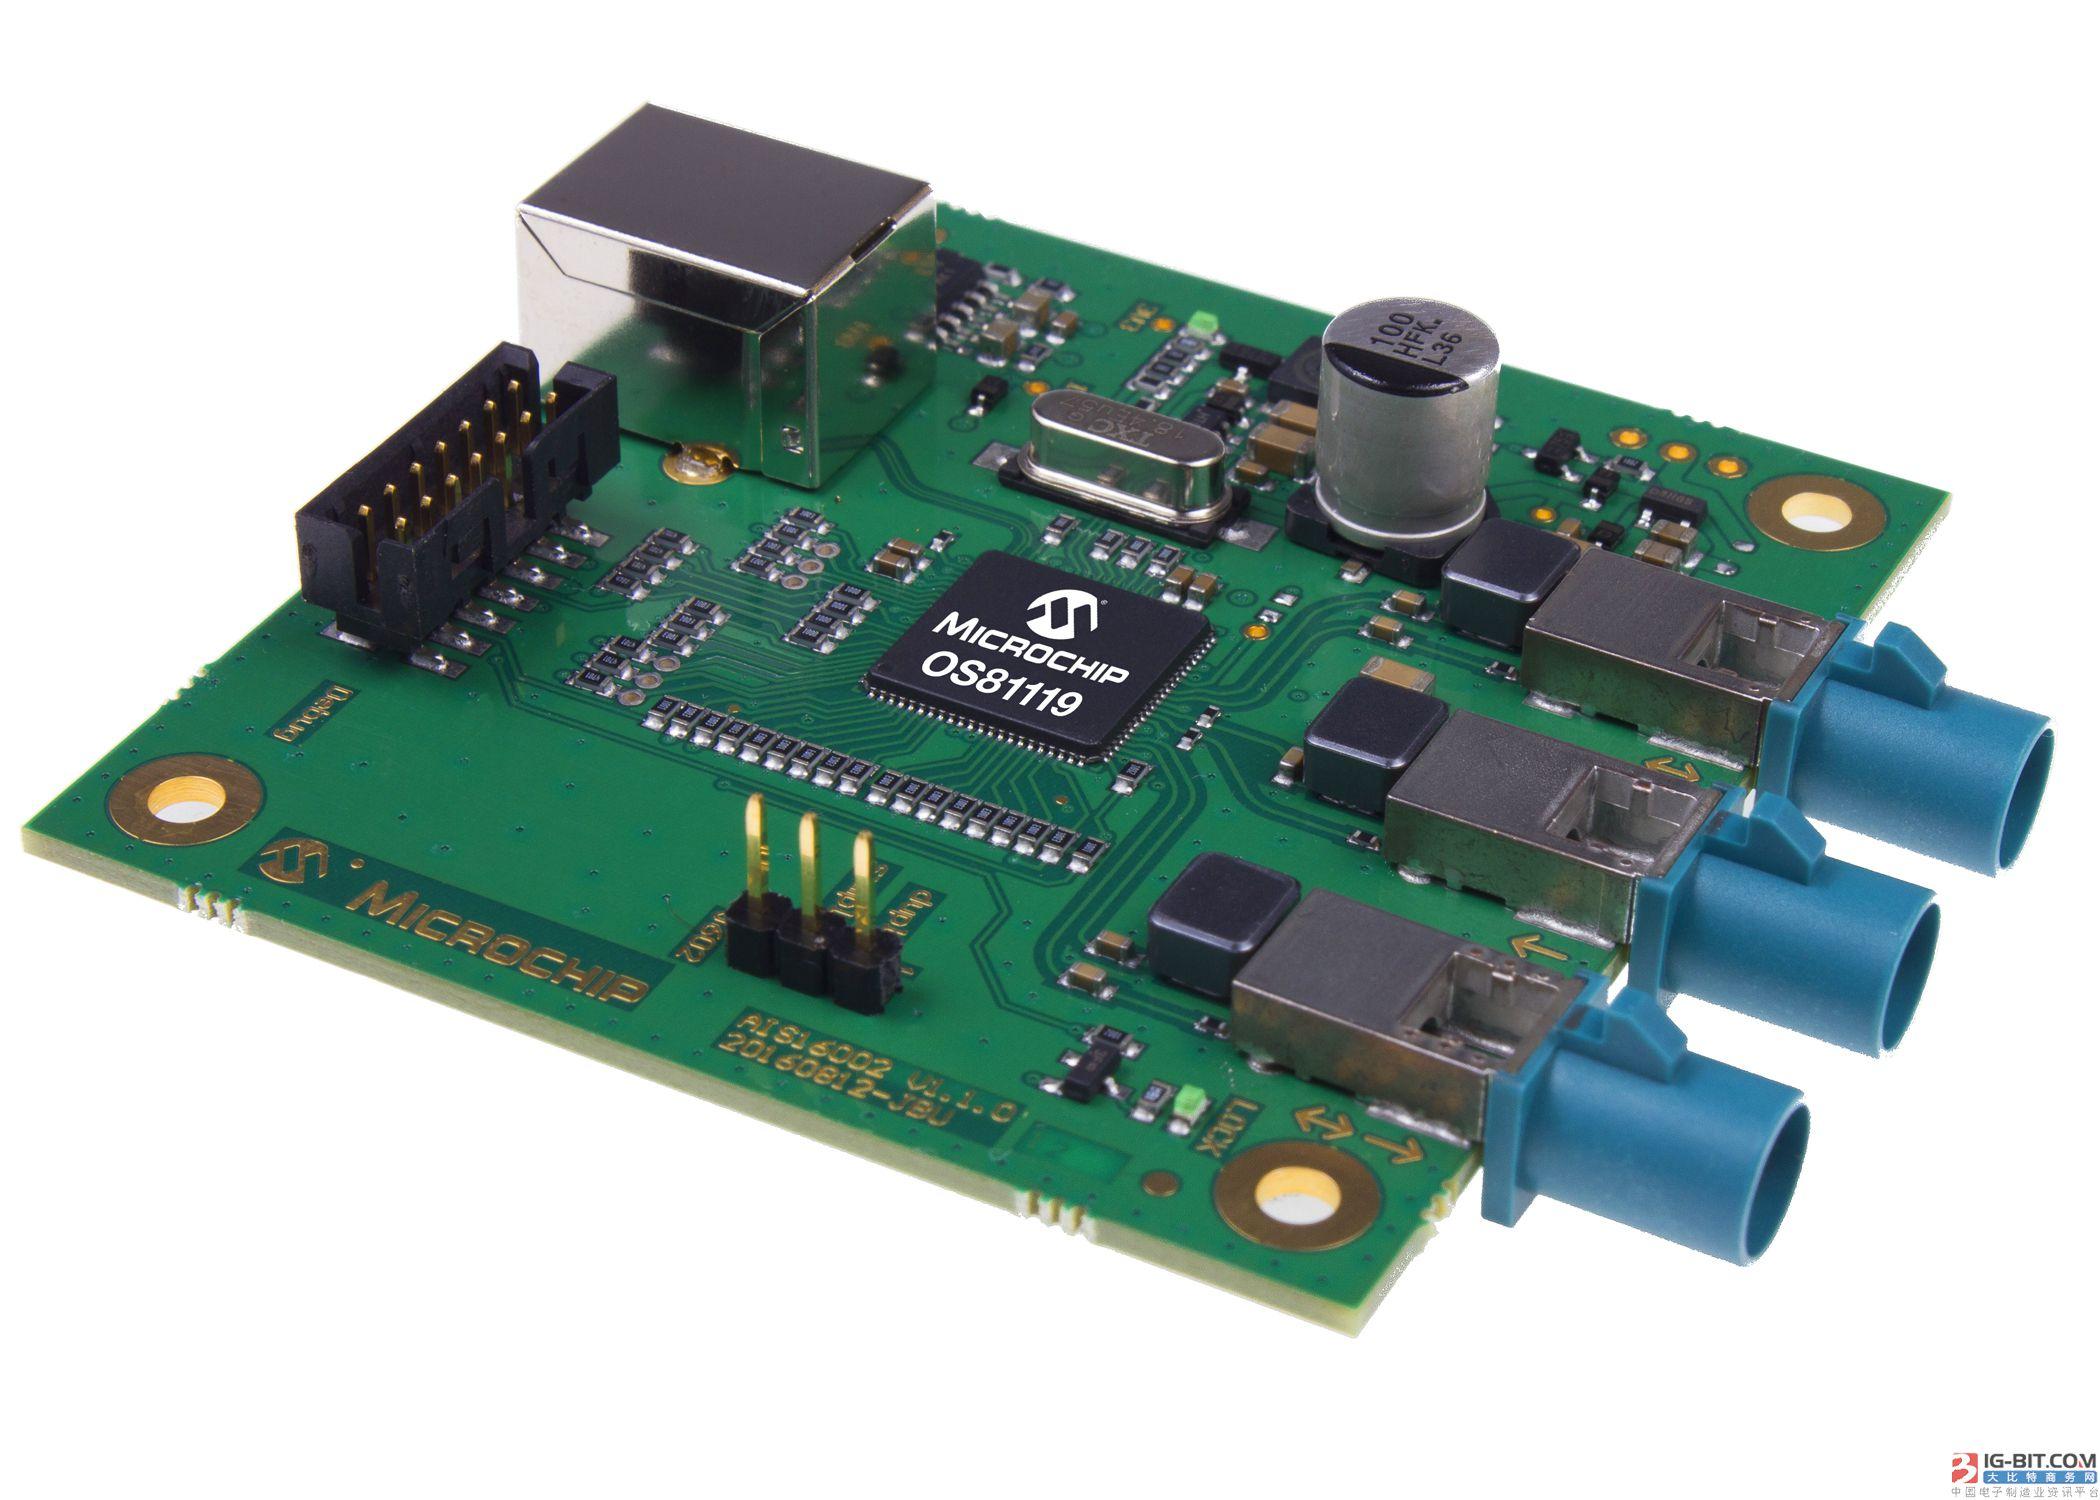 采用MOST®技术的全新智能网络接口控制器支持在汽车应用中实现菊花链通信